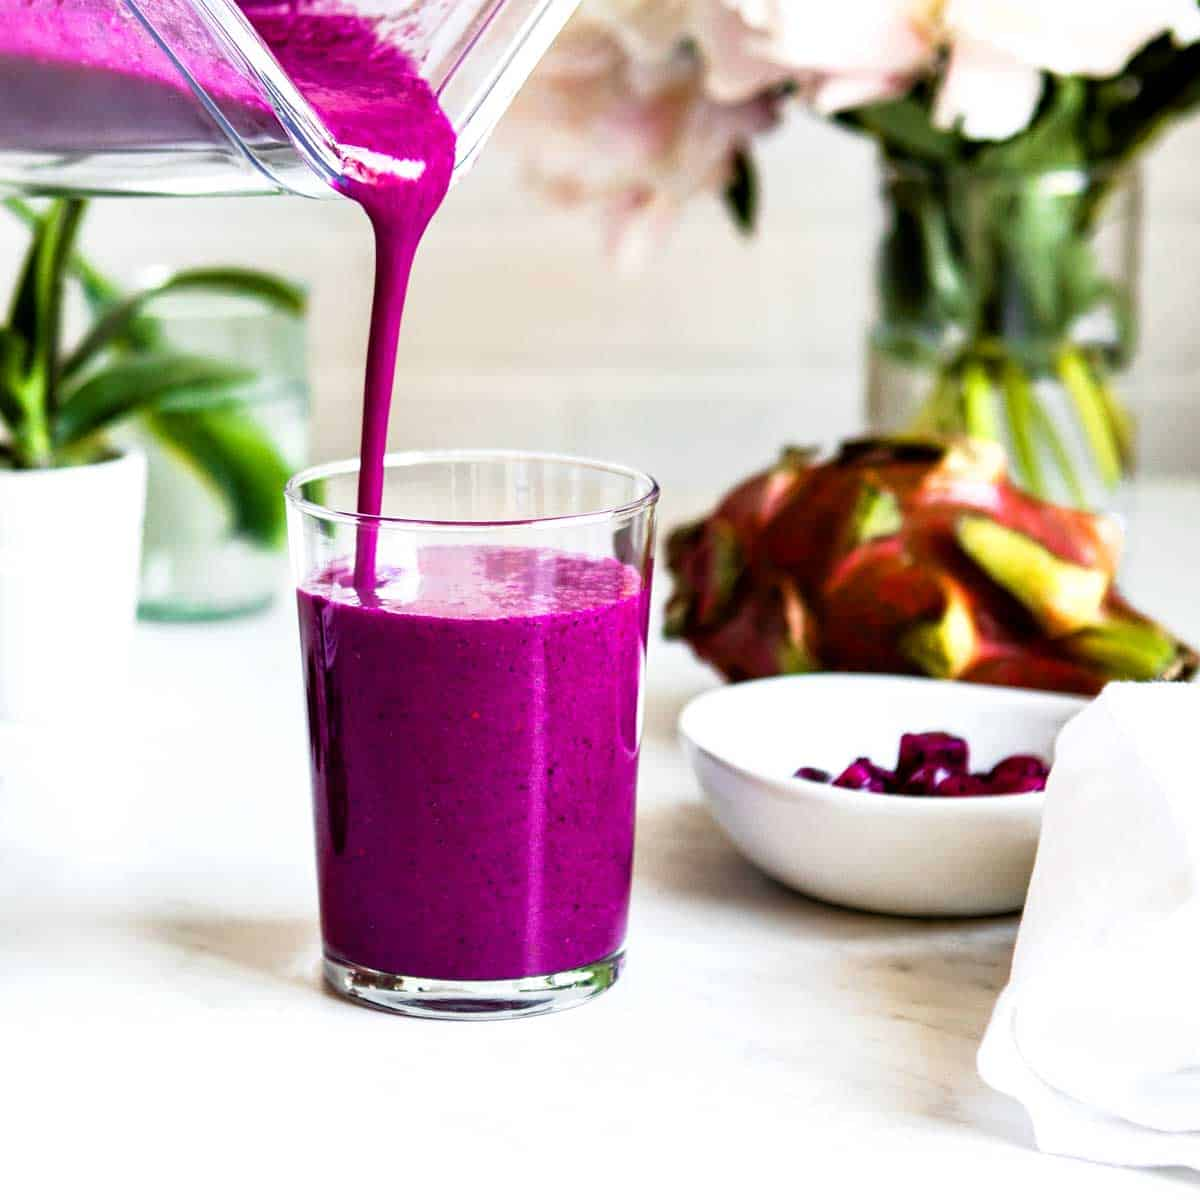 Immune boosting smoothie recipe